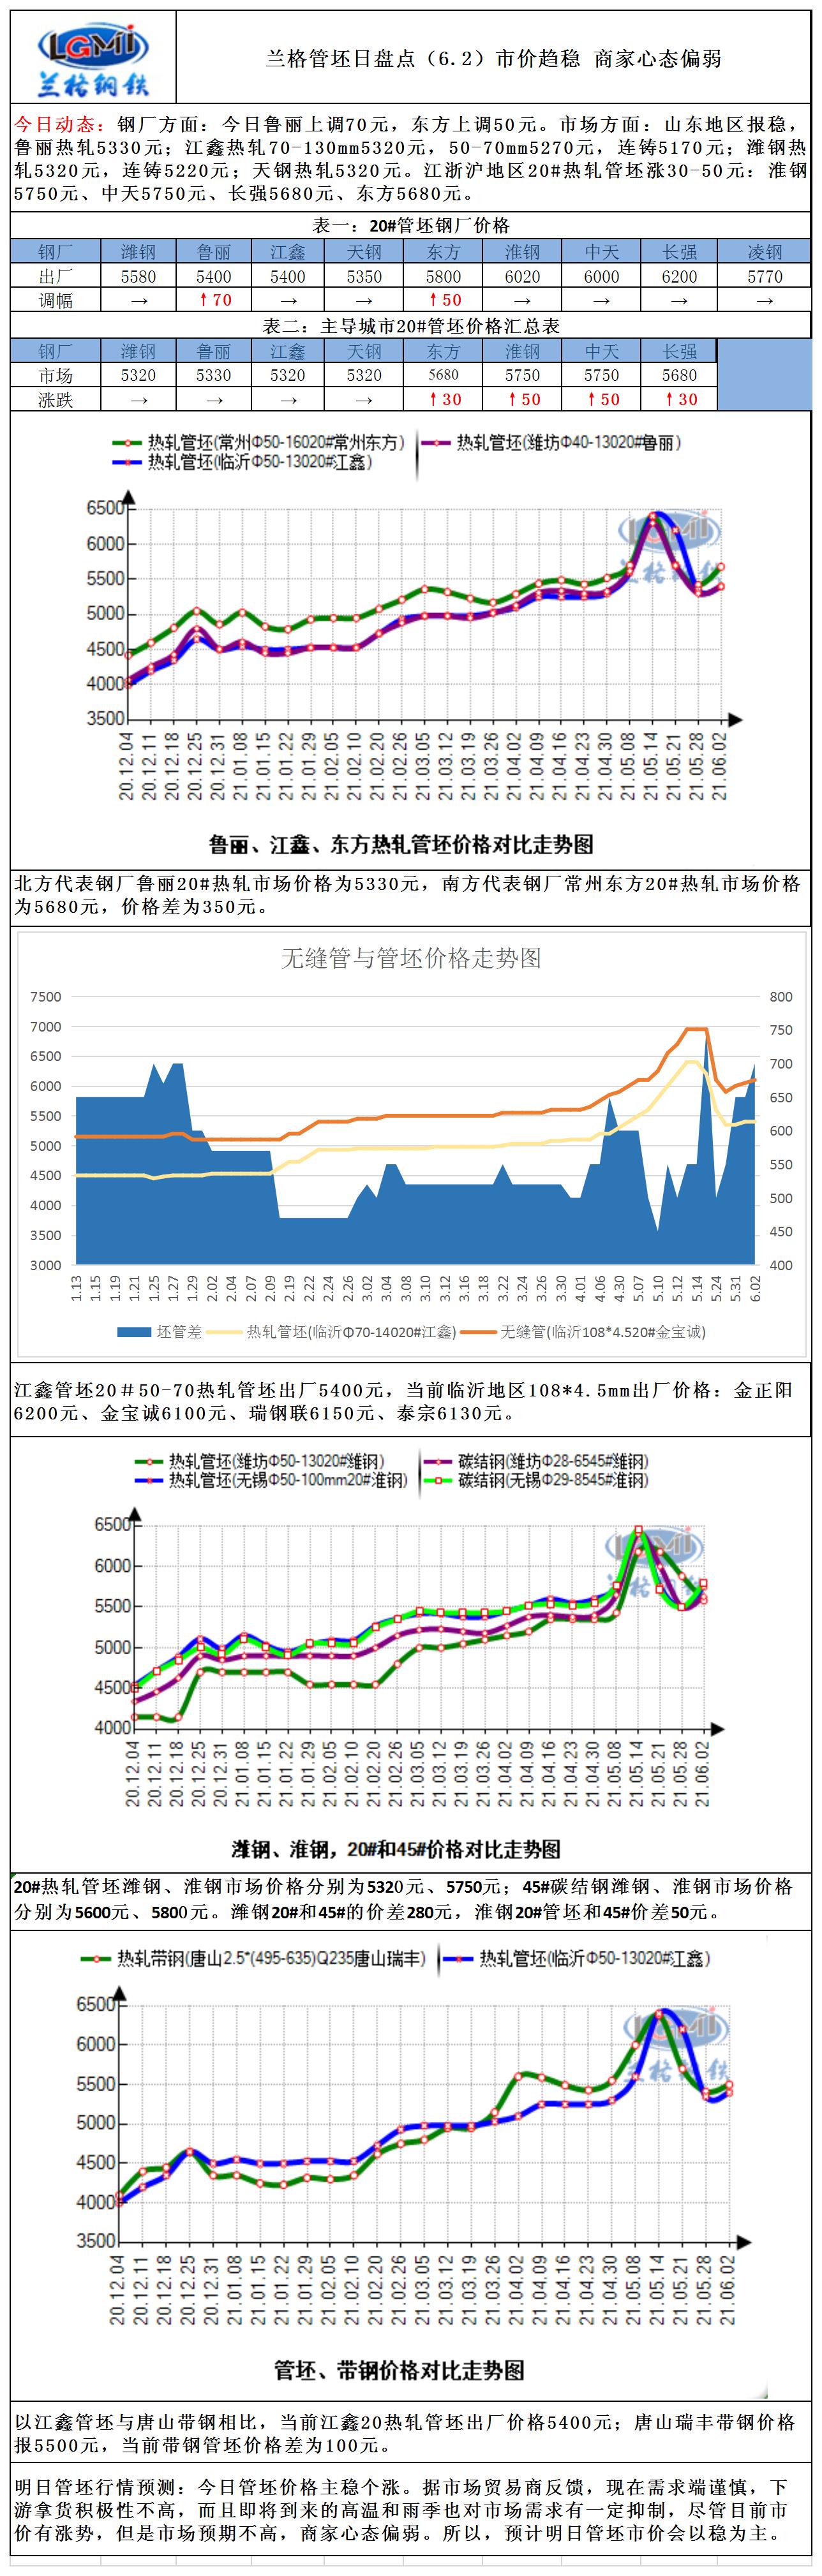 兰格管坯日盘点(6.2)市价趋稳 商家心态偏弱